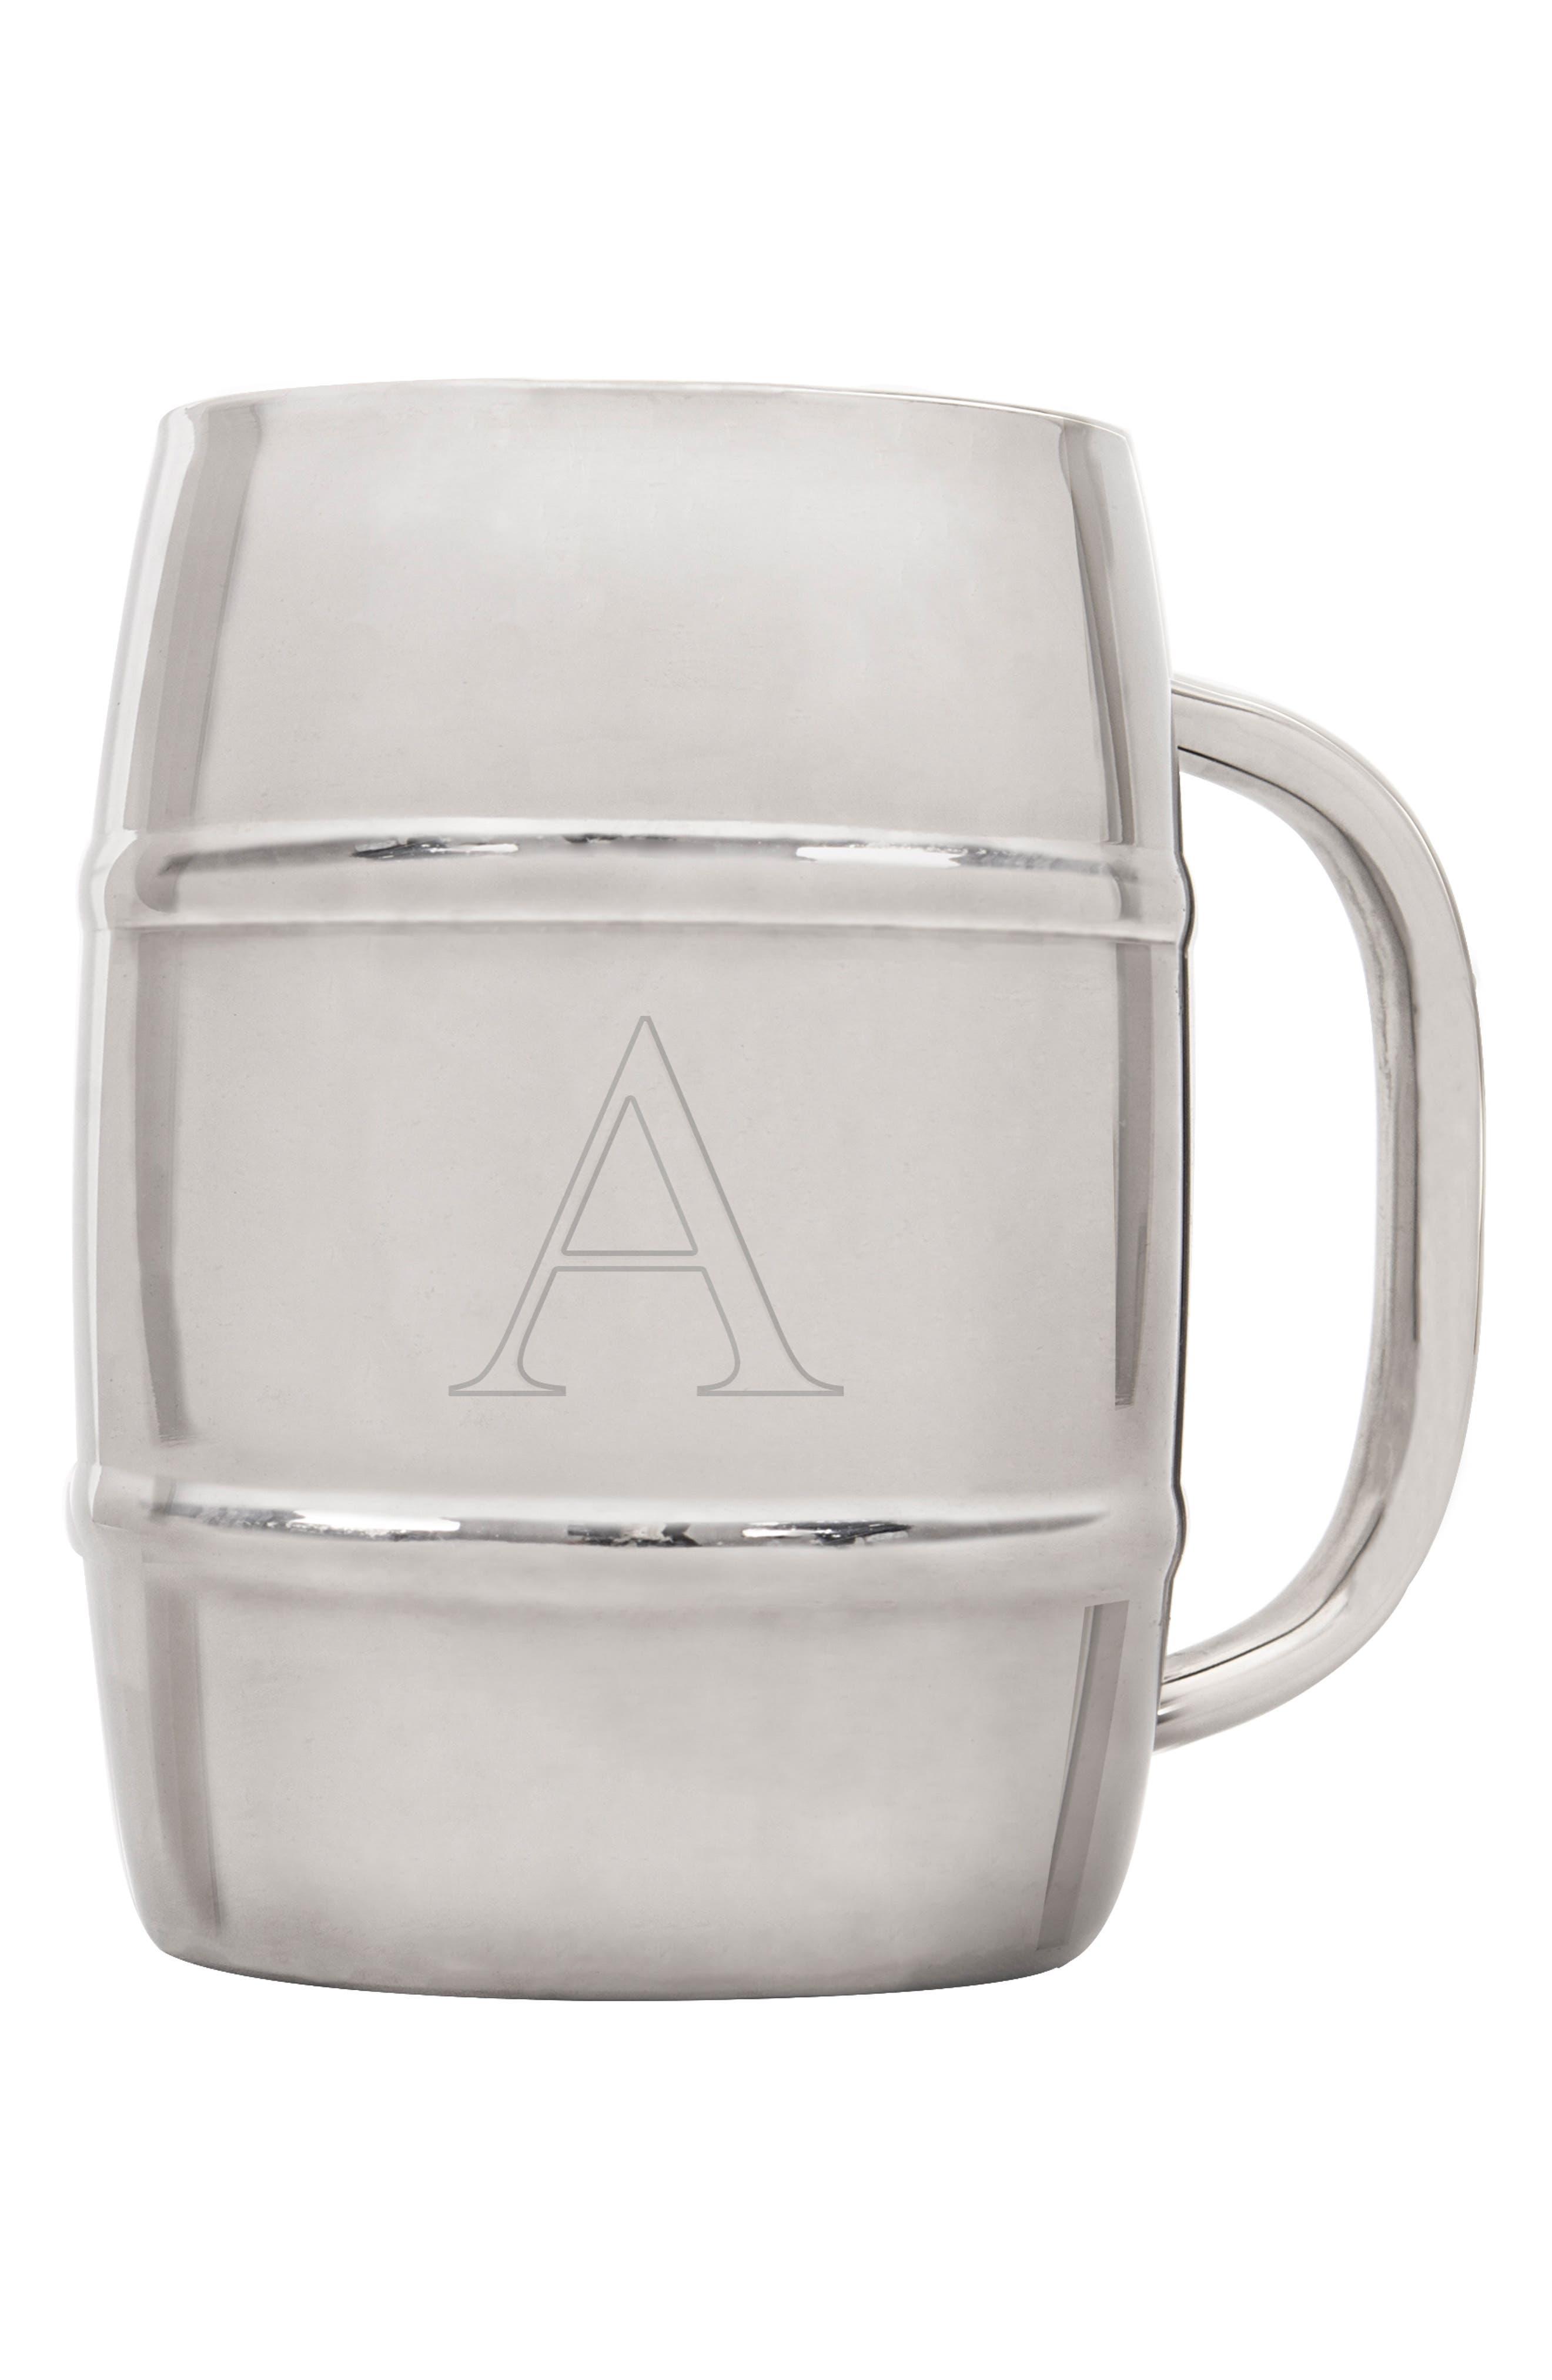 'XL Beer Keg' Monogram Mug,                         Main,                         color, 041